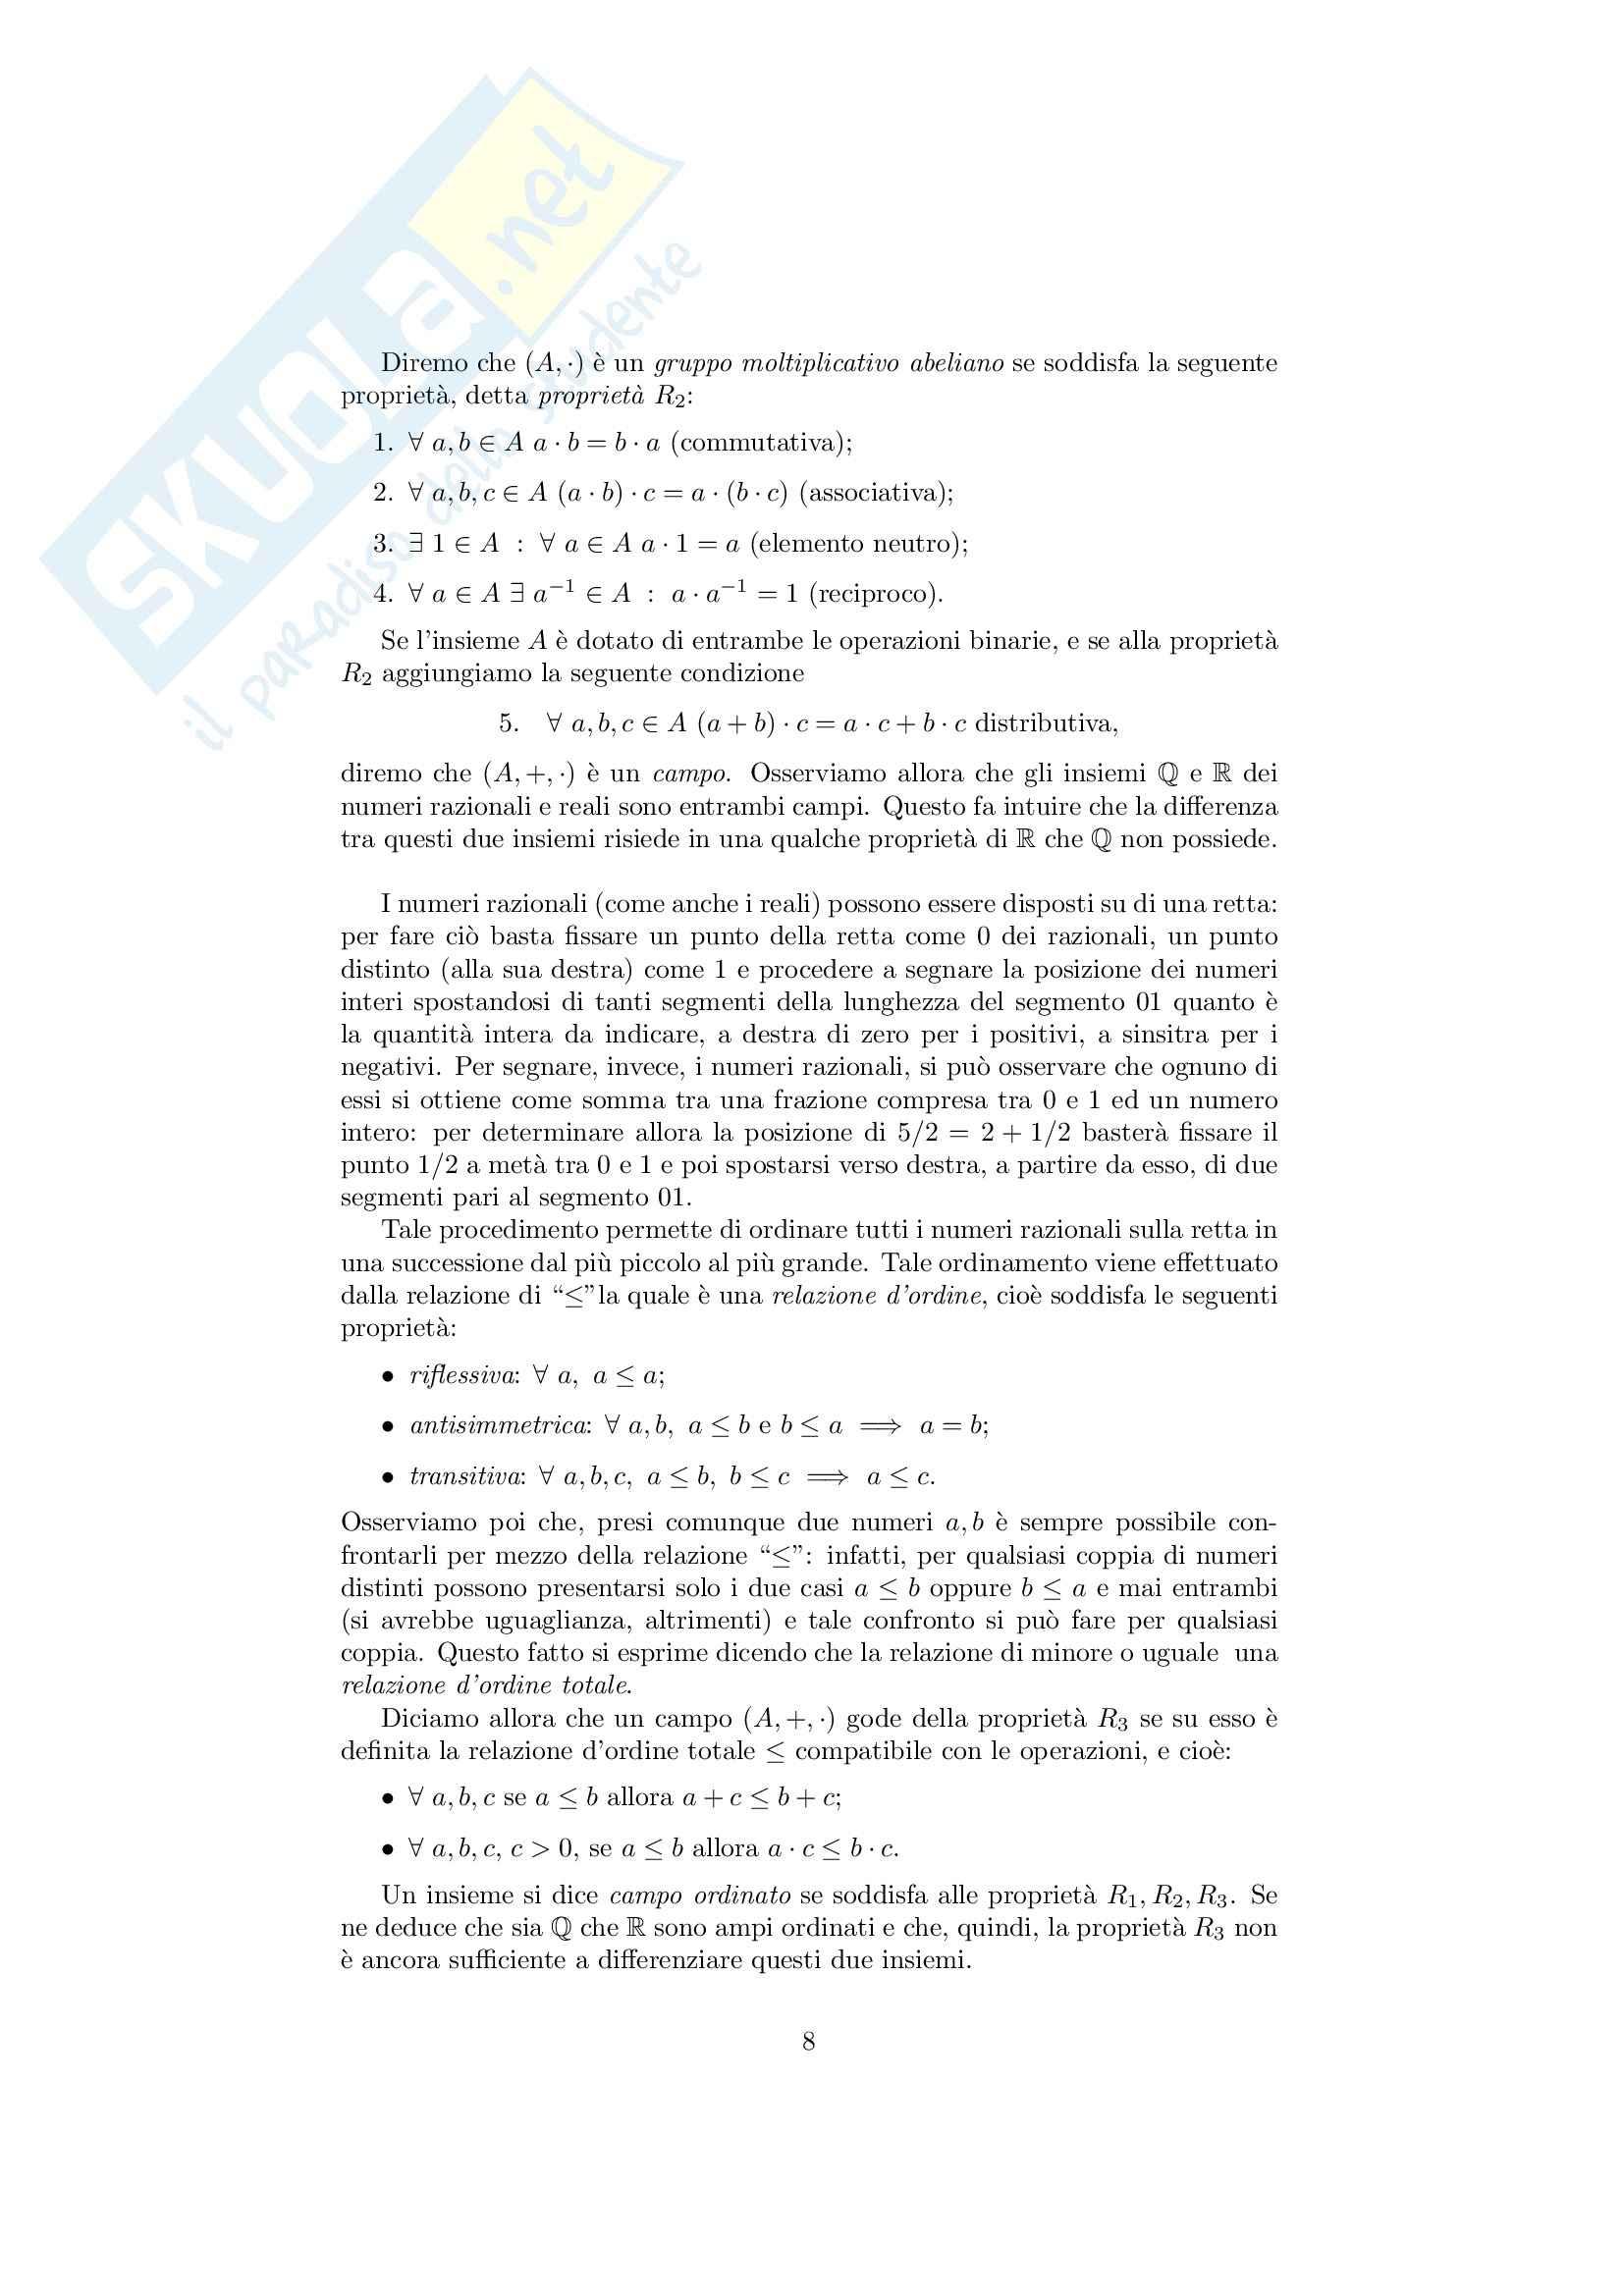 Analisi matematica 1 - Note ed esercizi svolti su Insiemi, numeri reali e Principio di Induzione Pag. 11